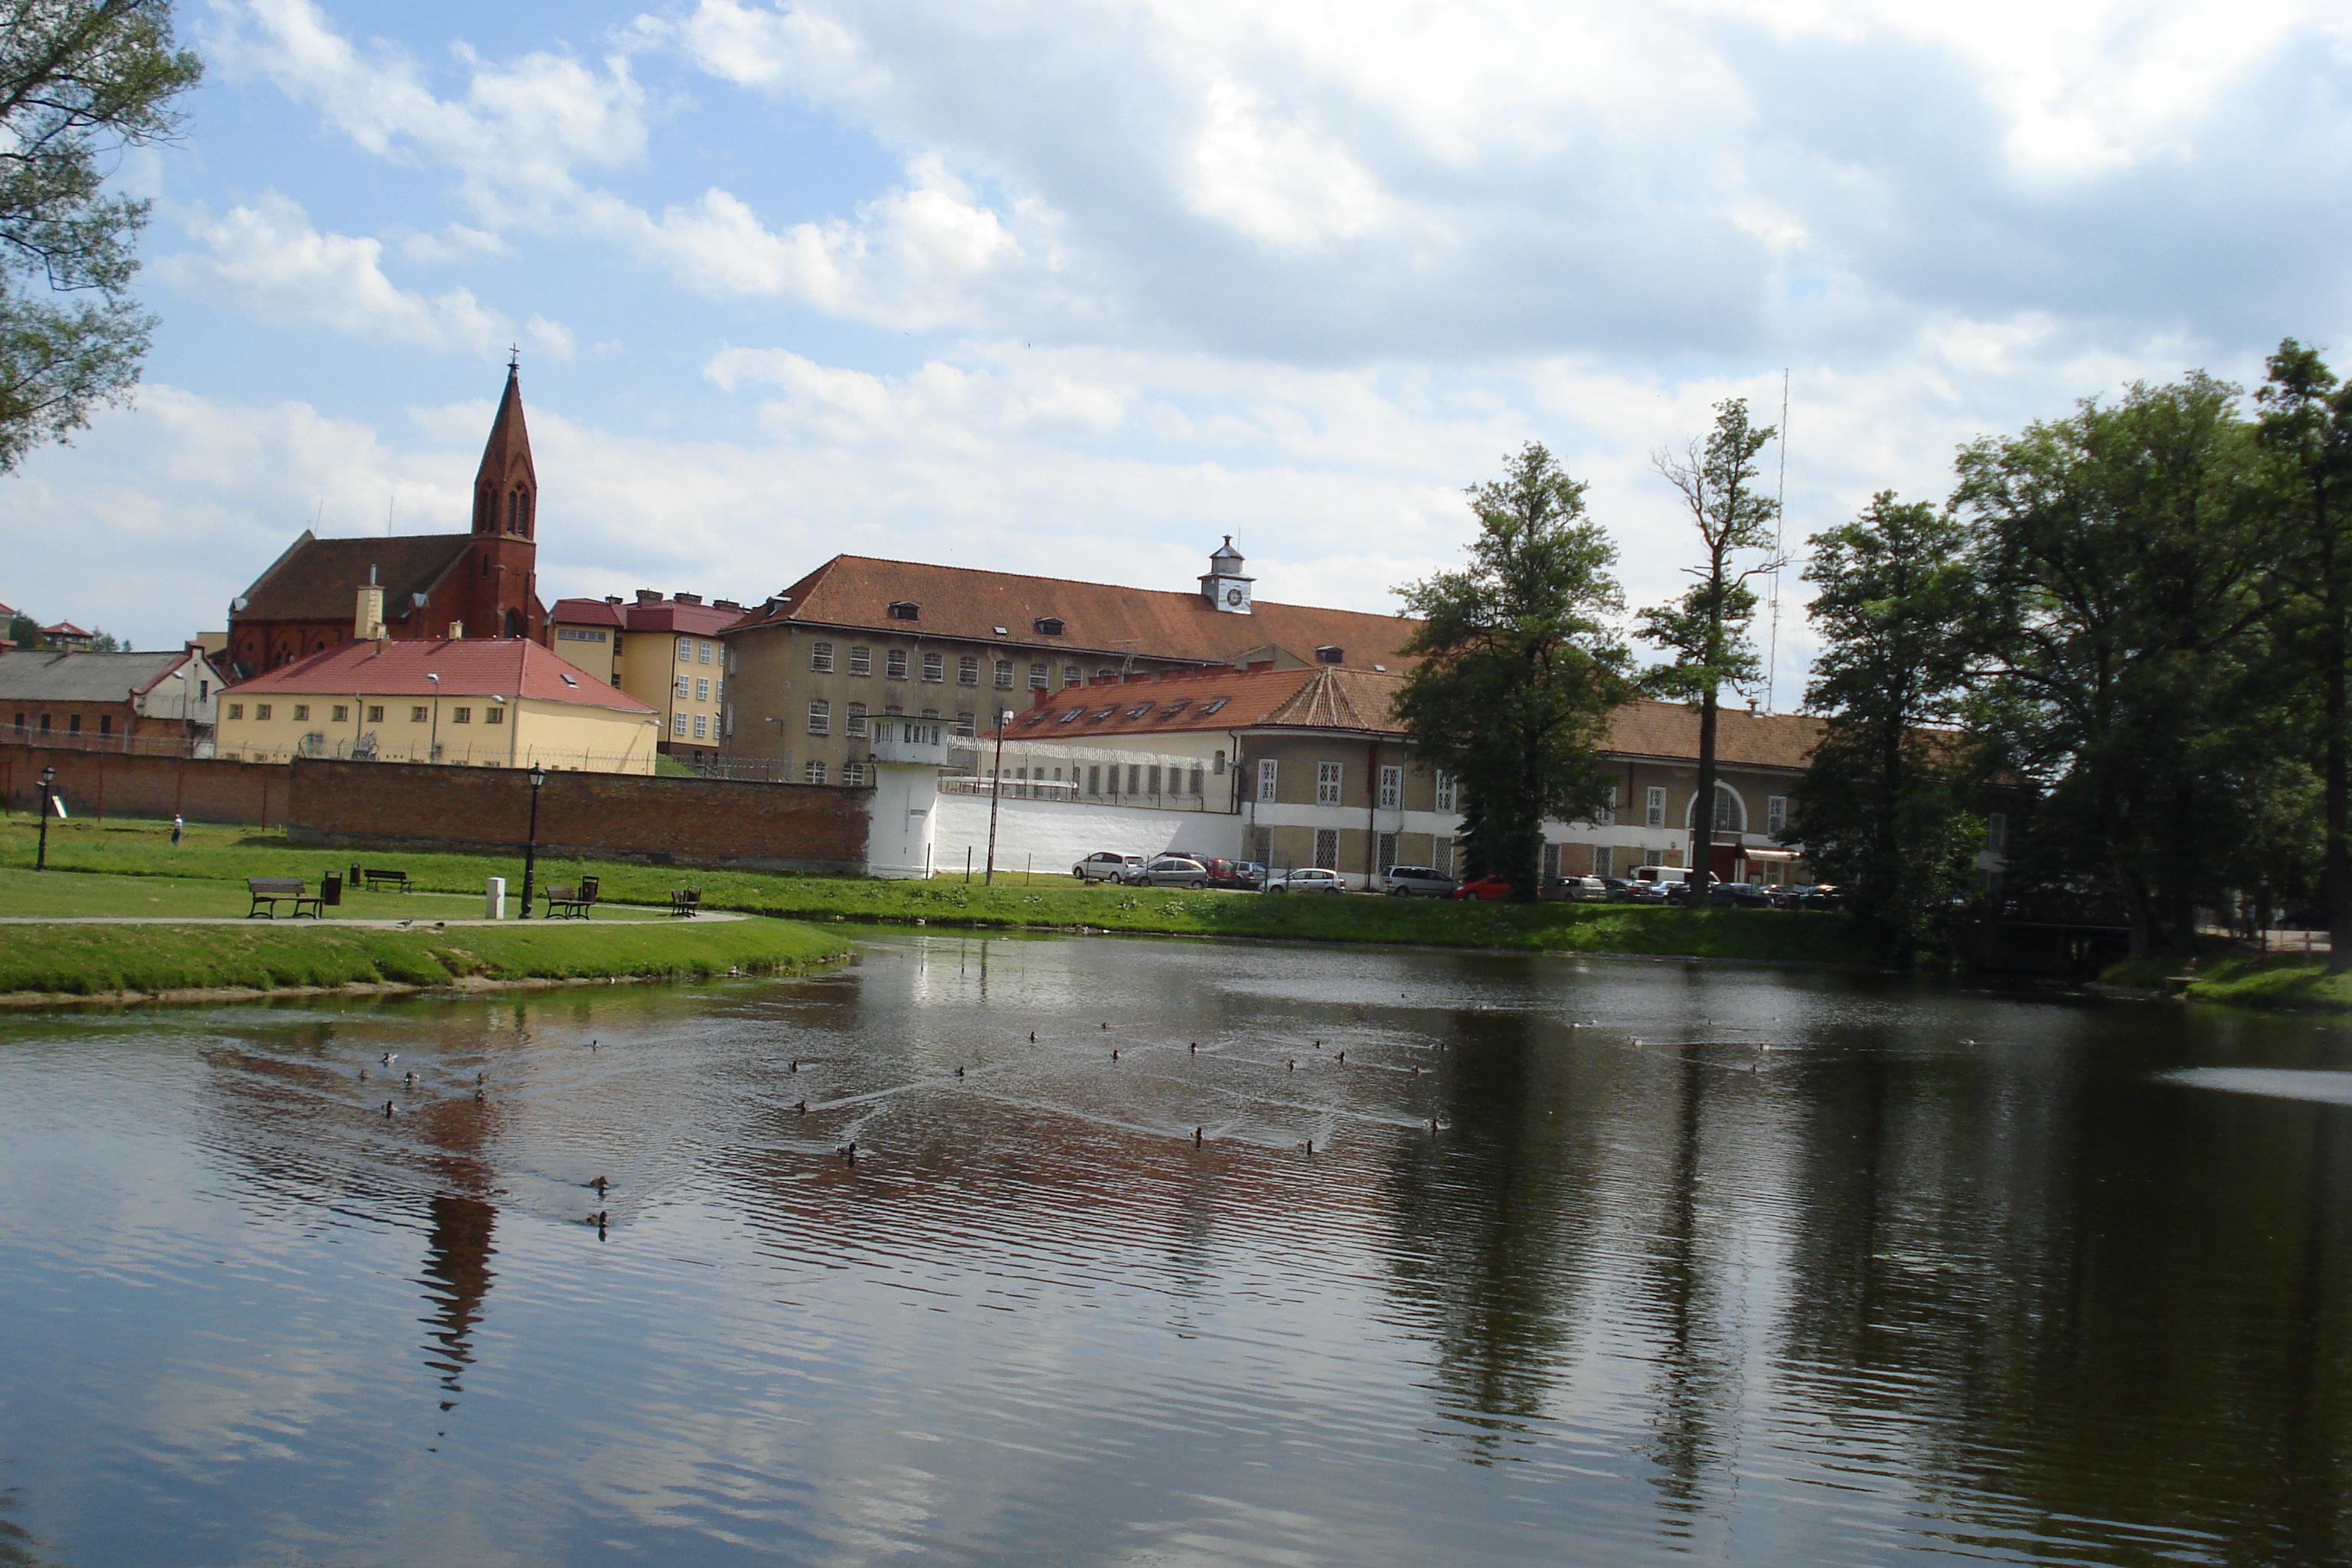 File:Barczewo Zakład Karny 2.jpg - Wikimedia Commons